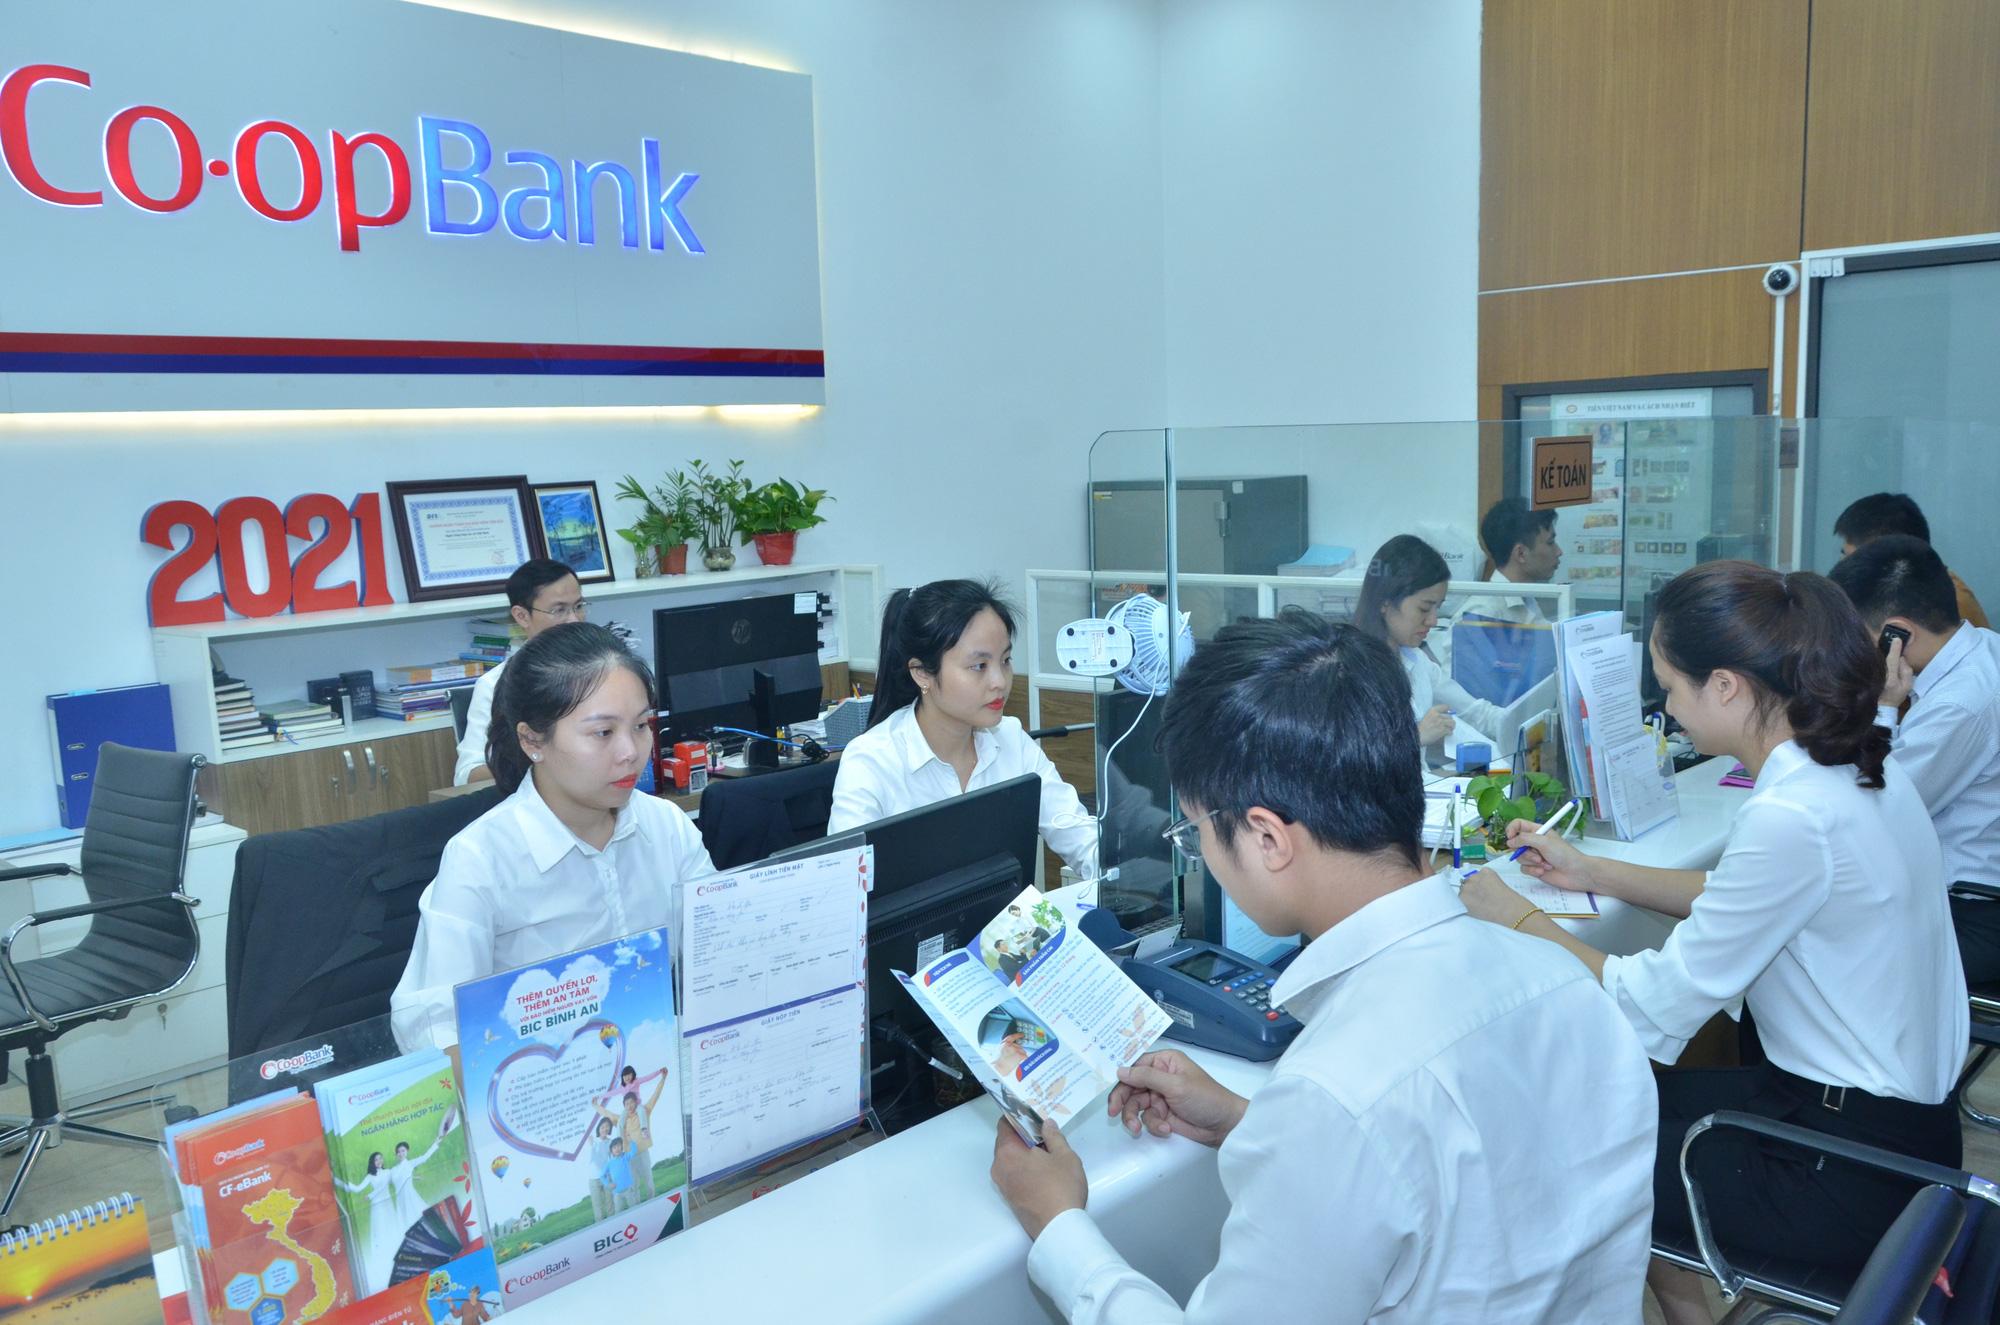 Ngân hàng Hợp tác xã Việt Nam: Thúc đẩy tài chính toàn diện  - Ảnh 1.